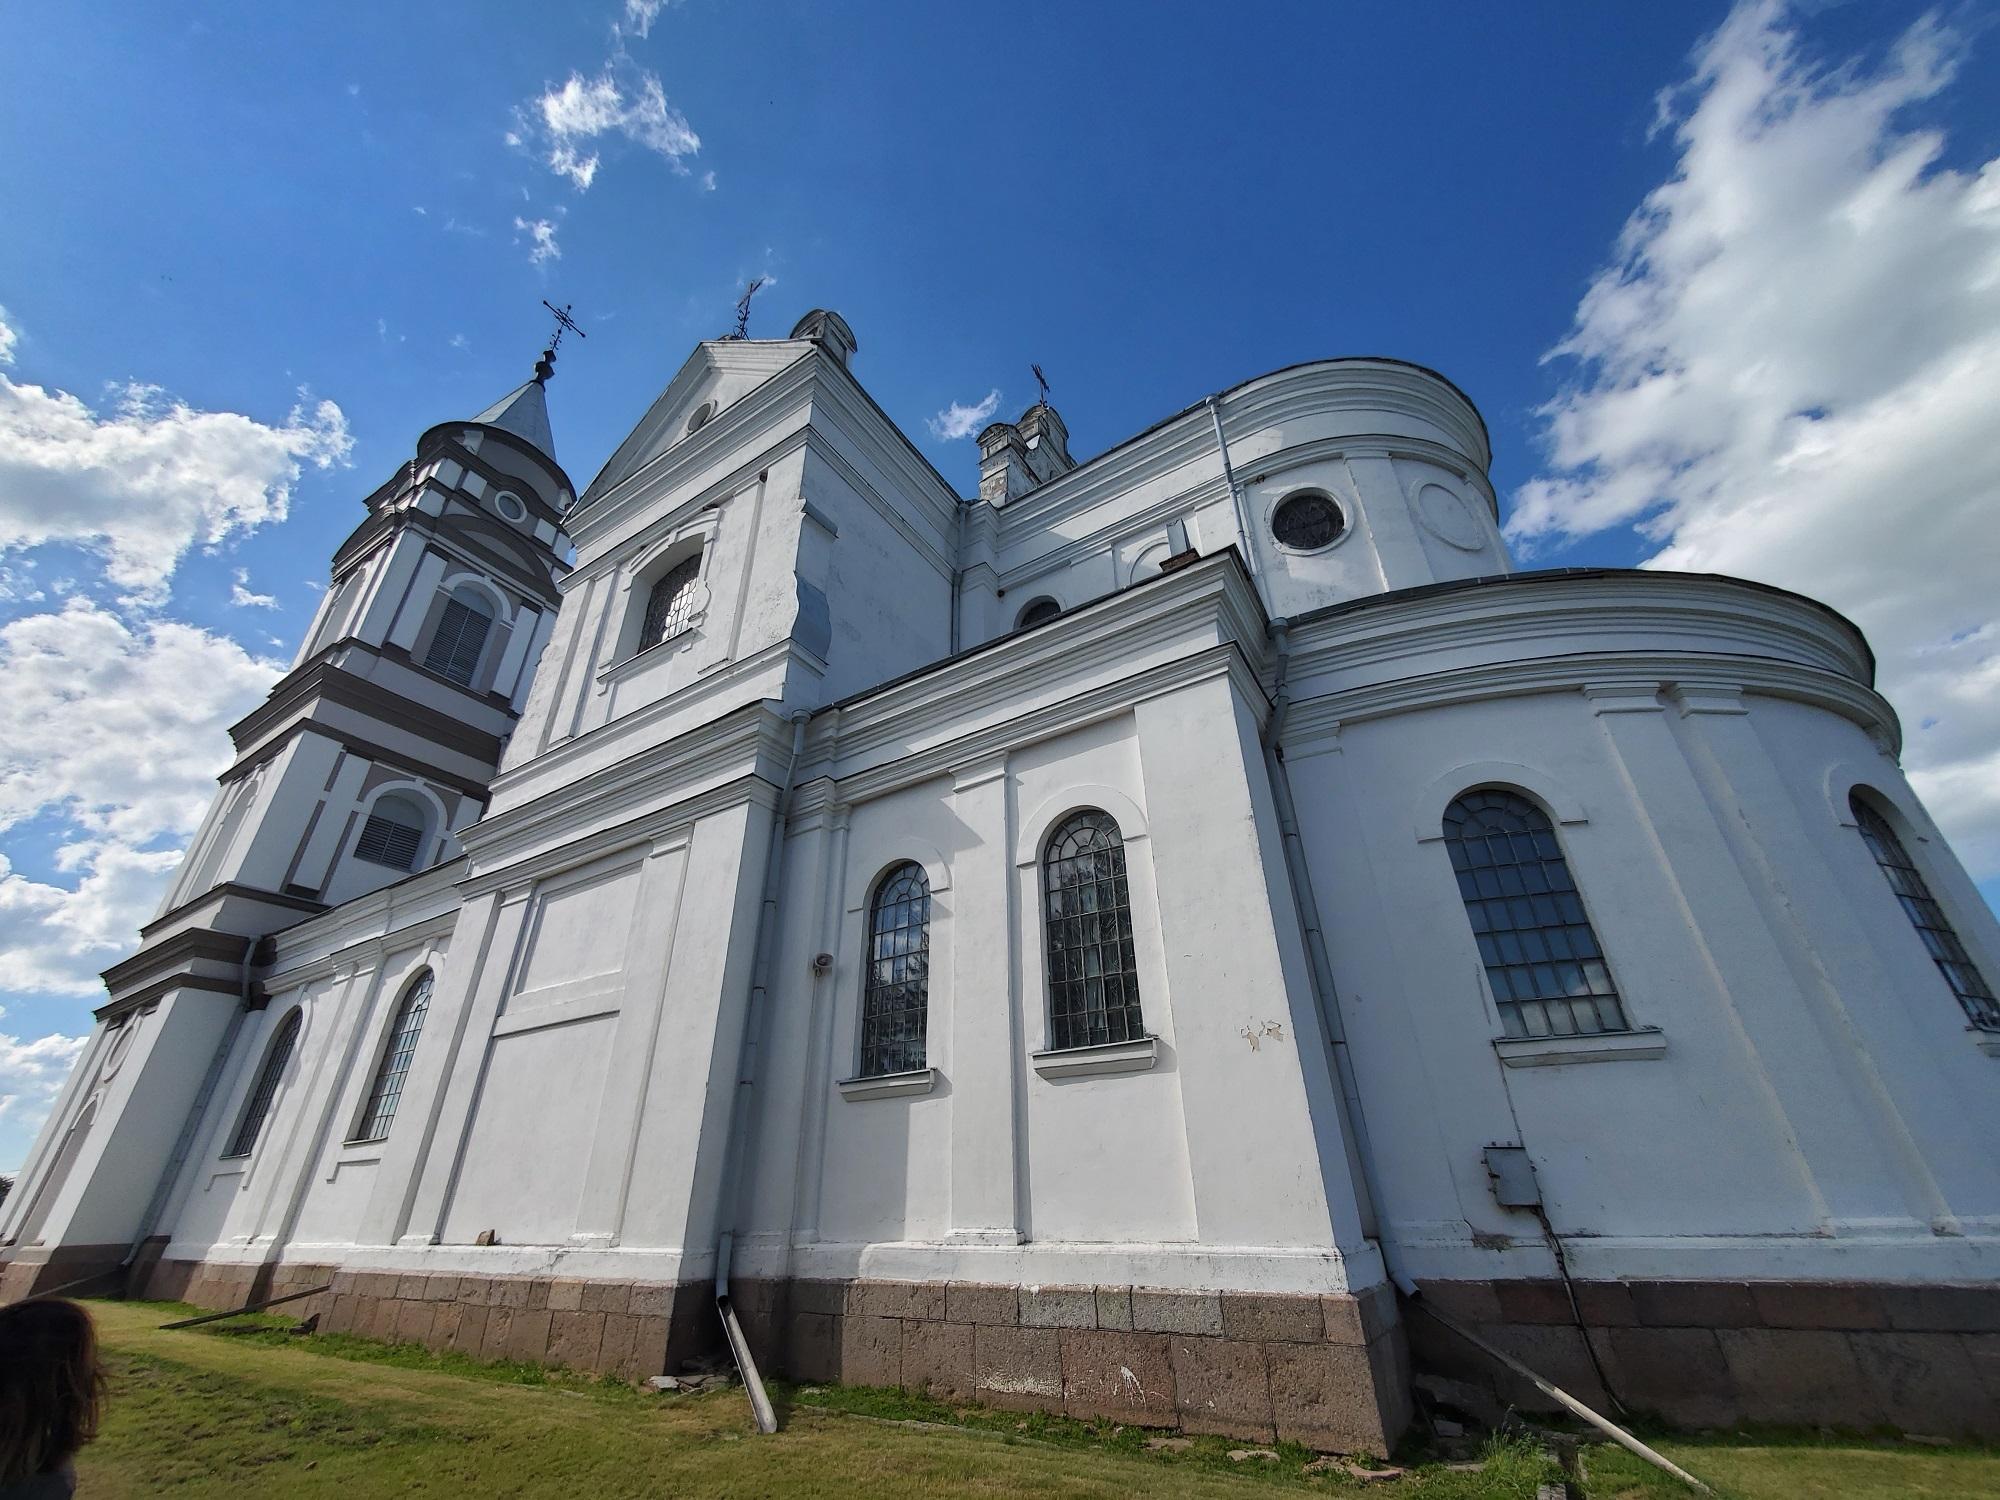 20200606 165127 - Костел Пресвятой Девы Марии в деревне Парафьяново